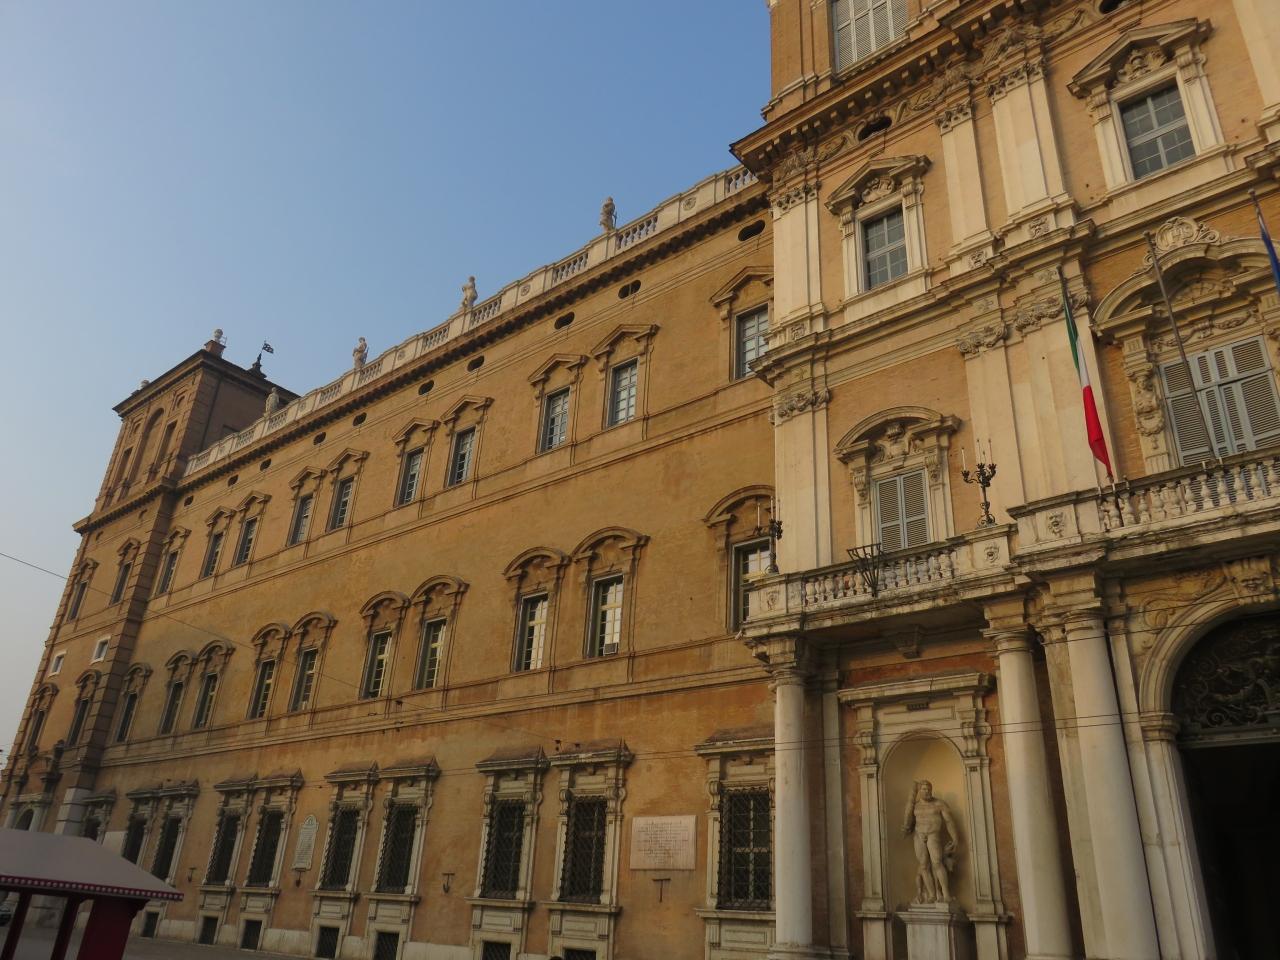 ドゥカーレ宮殿の画像 p1_34